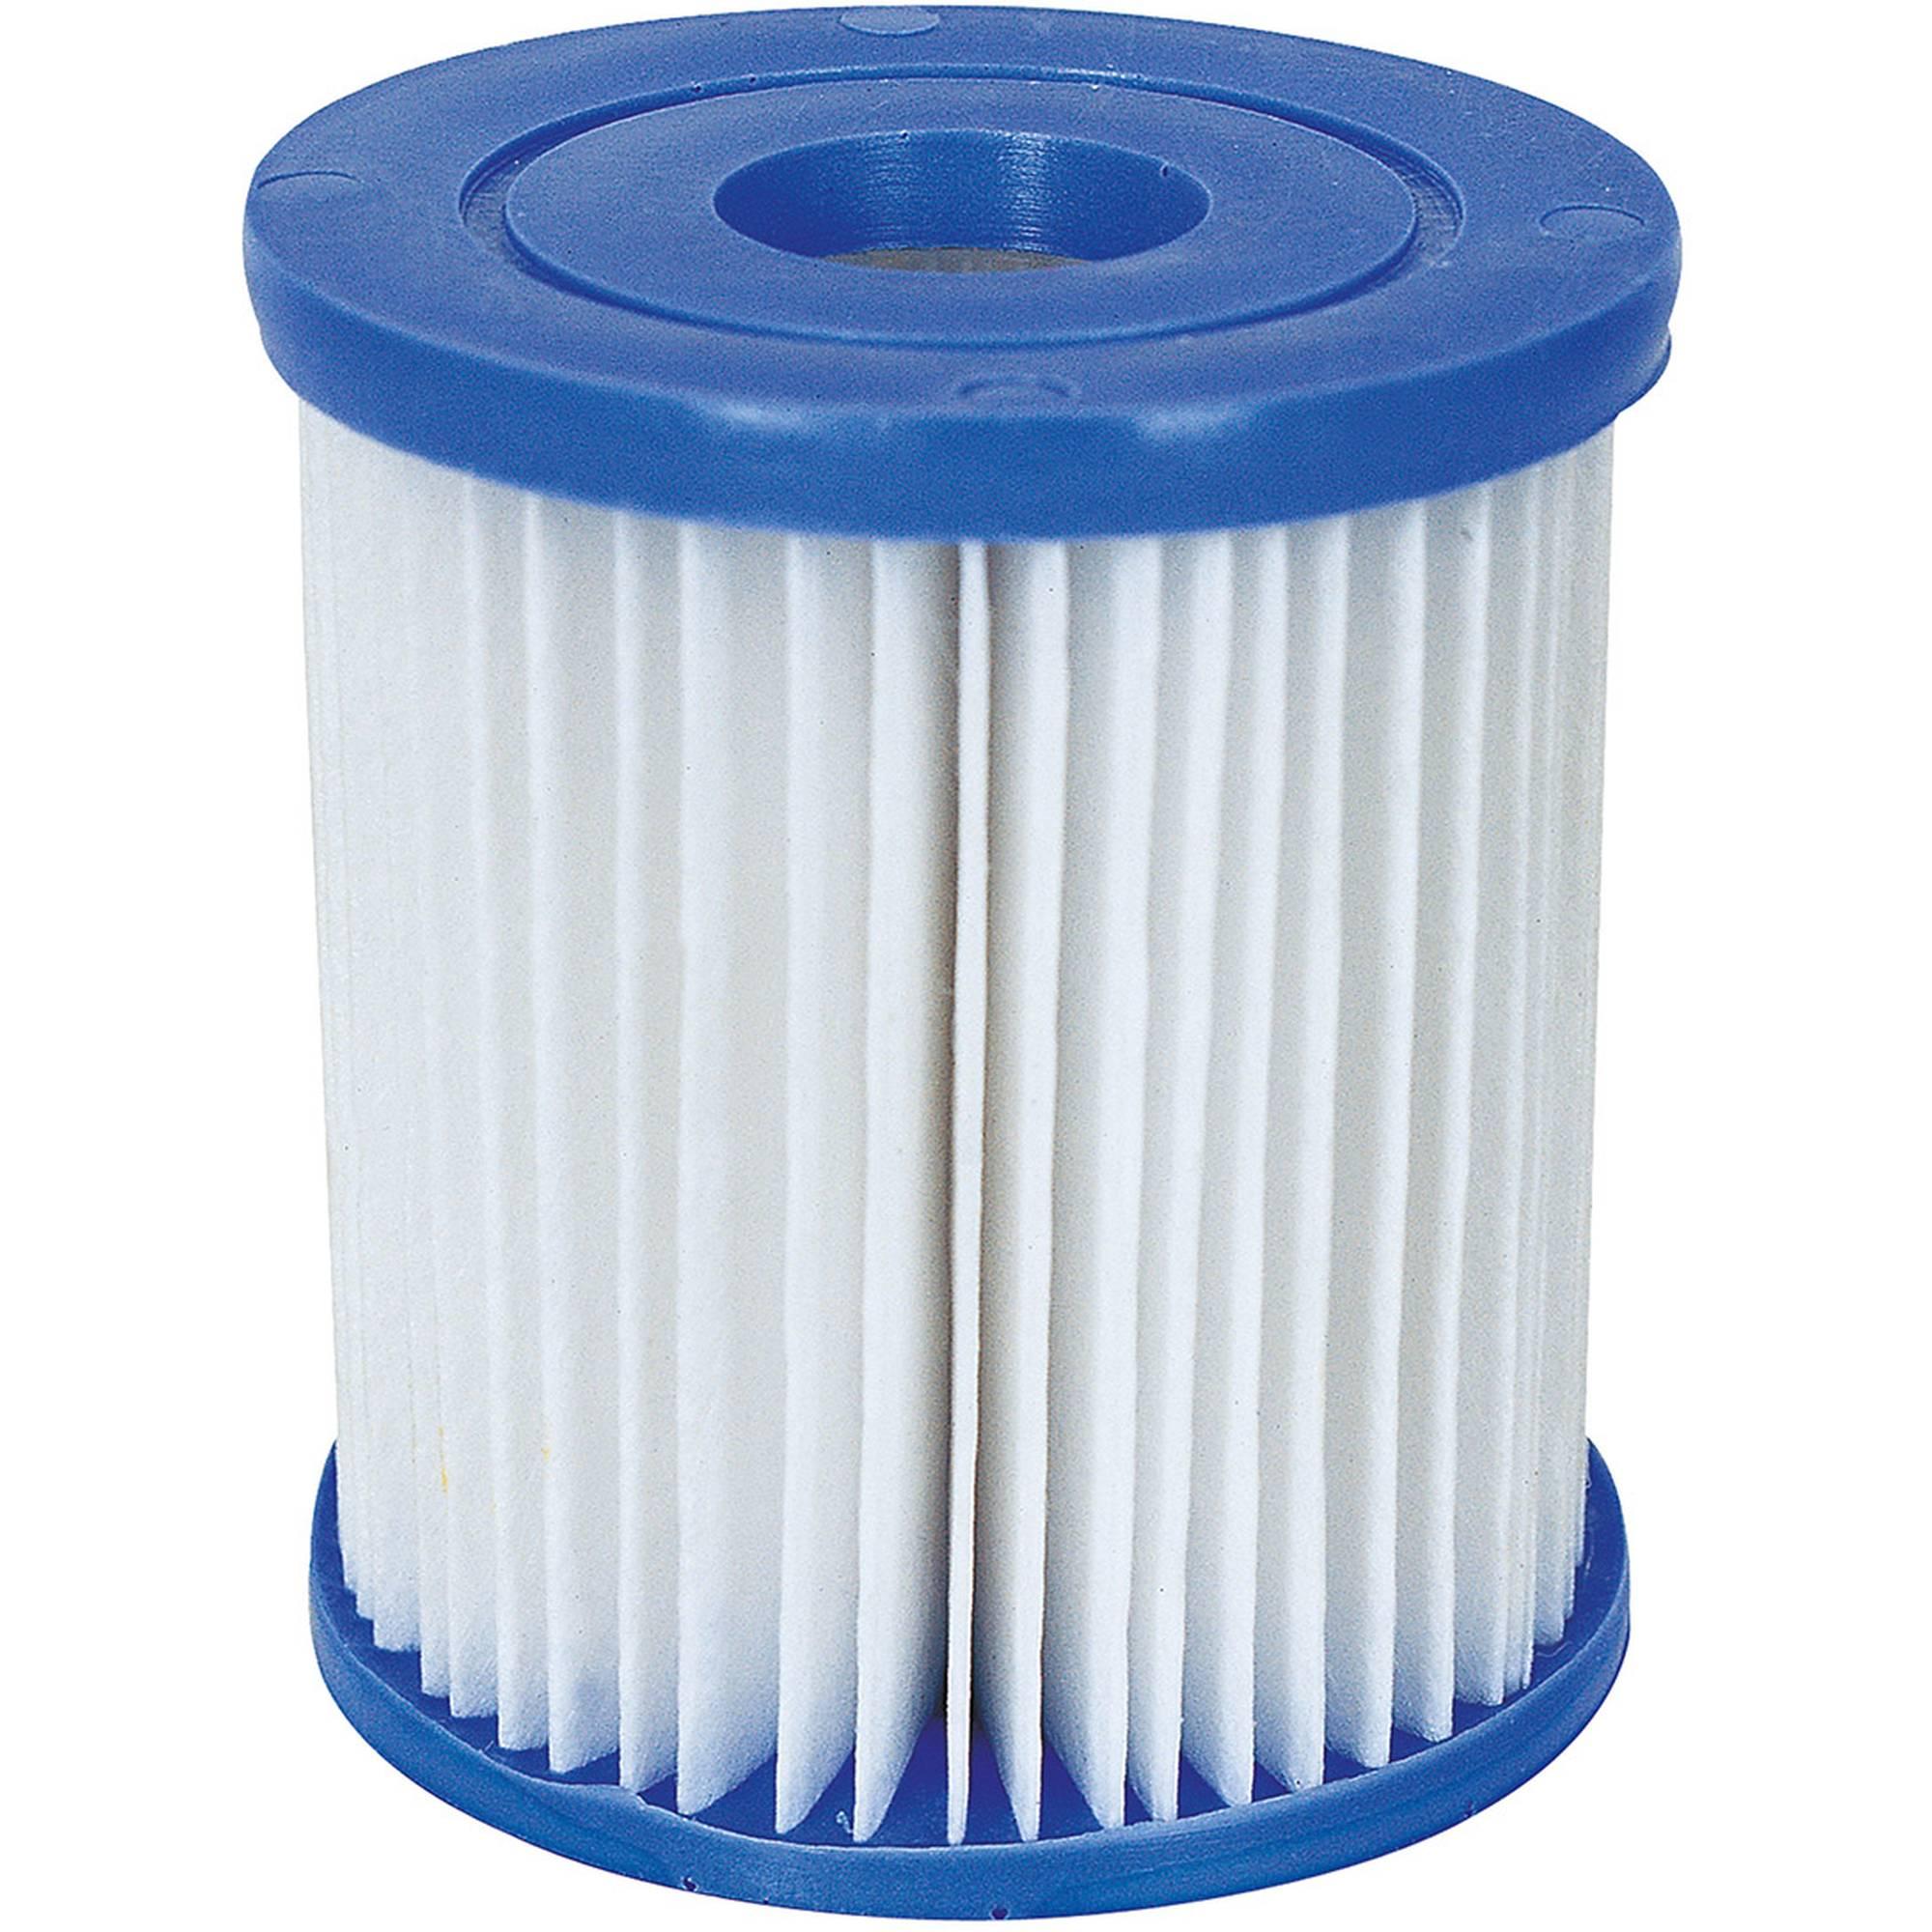 Ersatz Filterkartusche 80 x 90 mm für Bestway Kartuschenfilter zum Wechseln